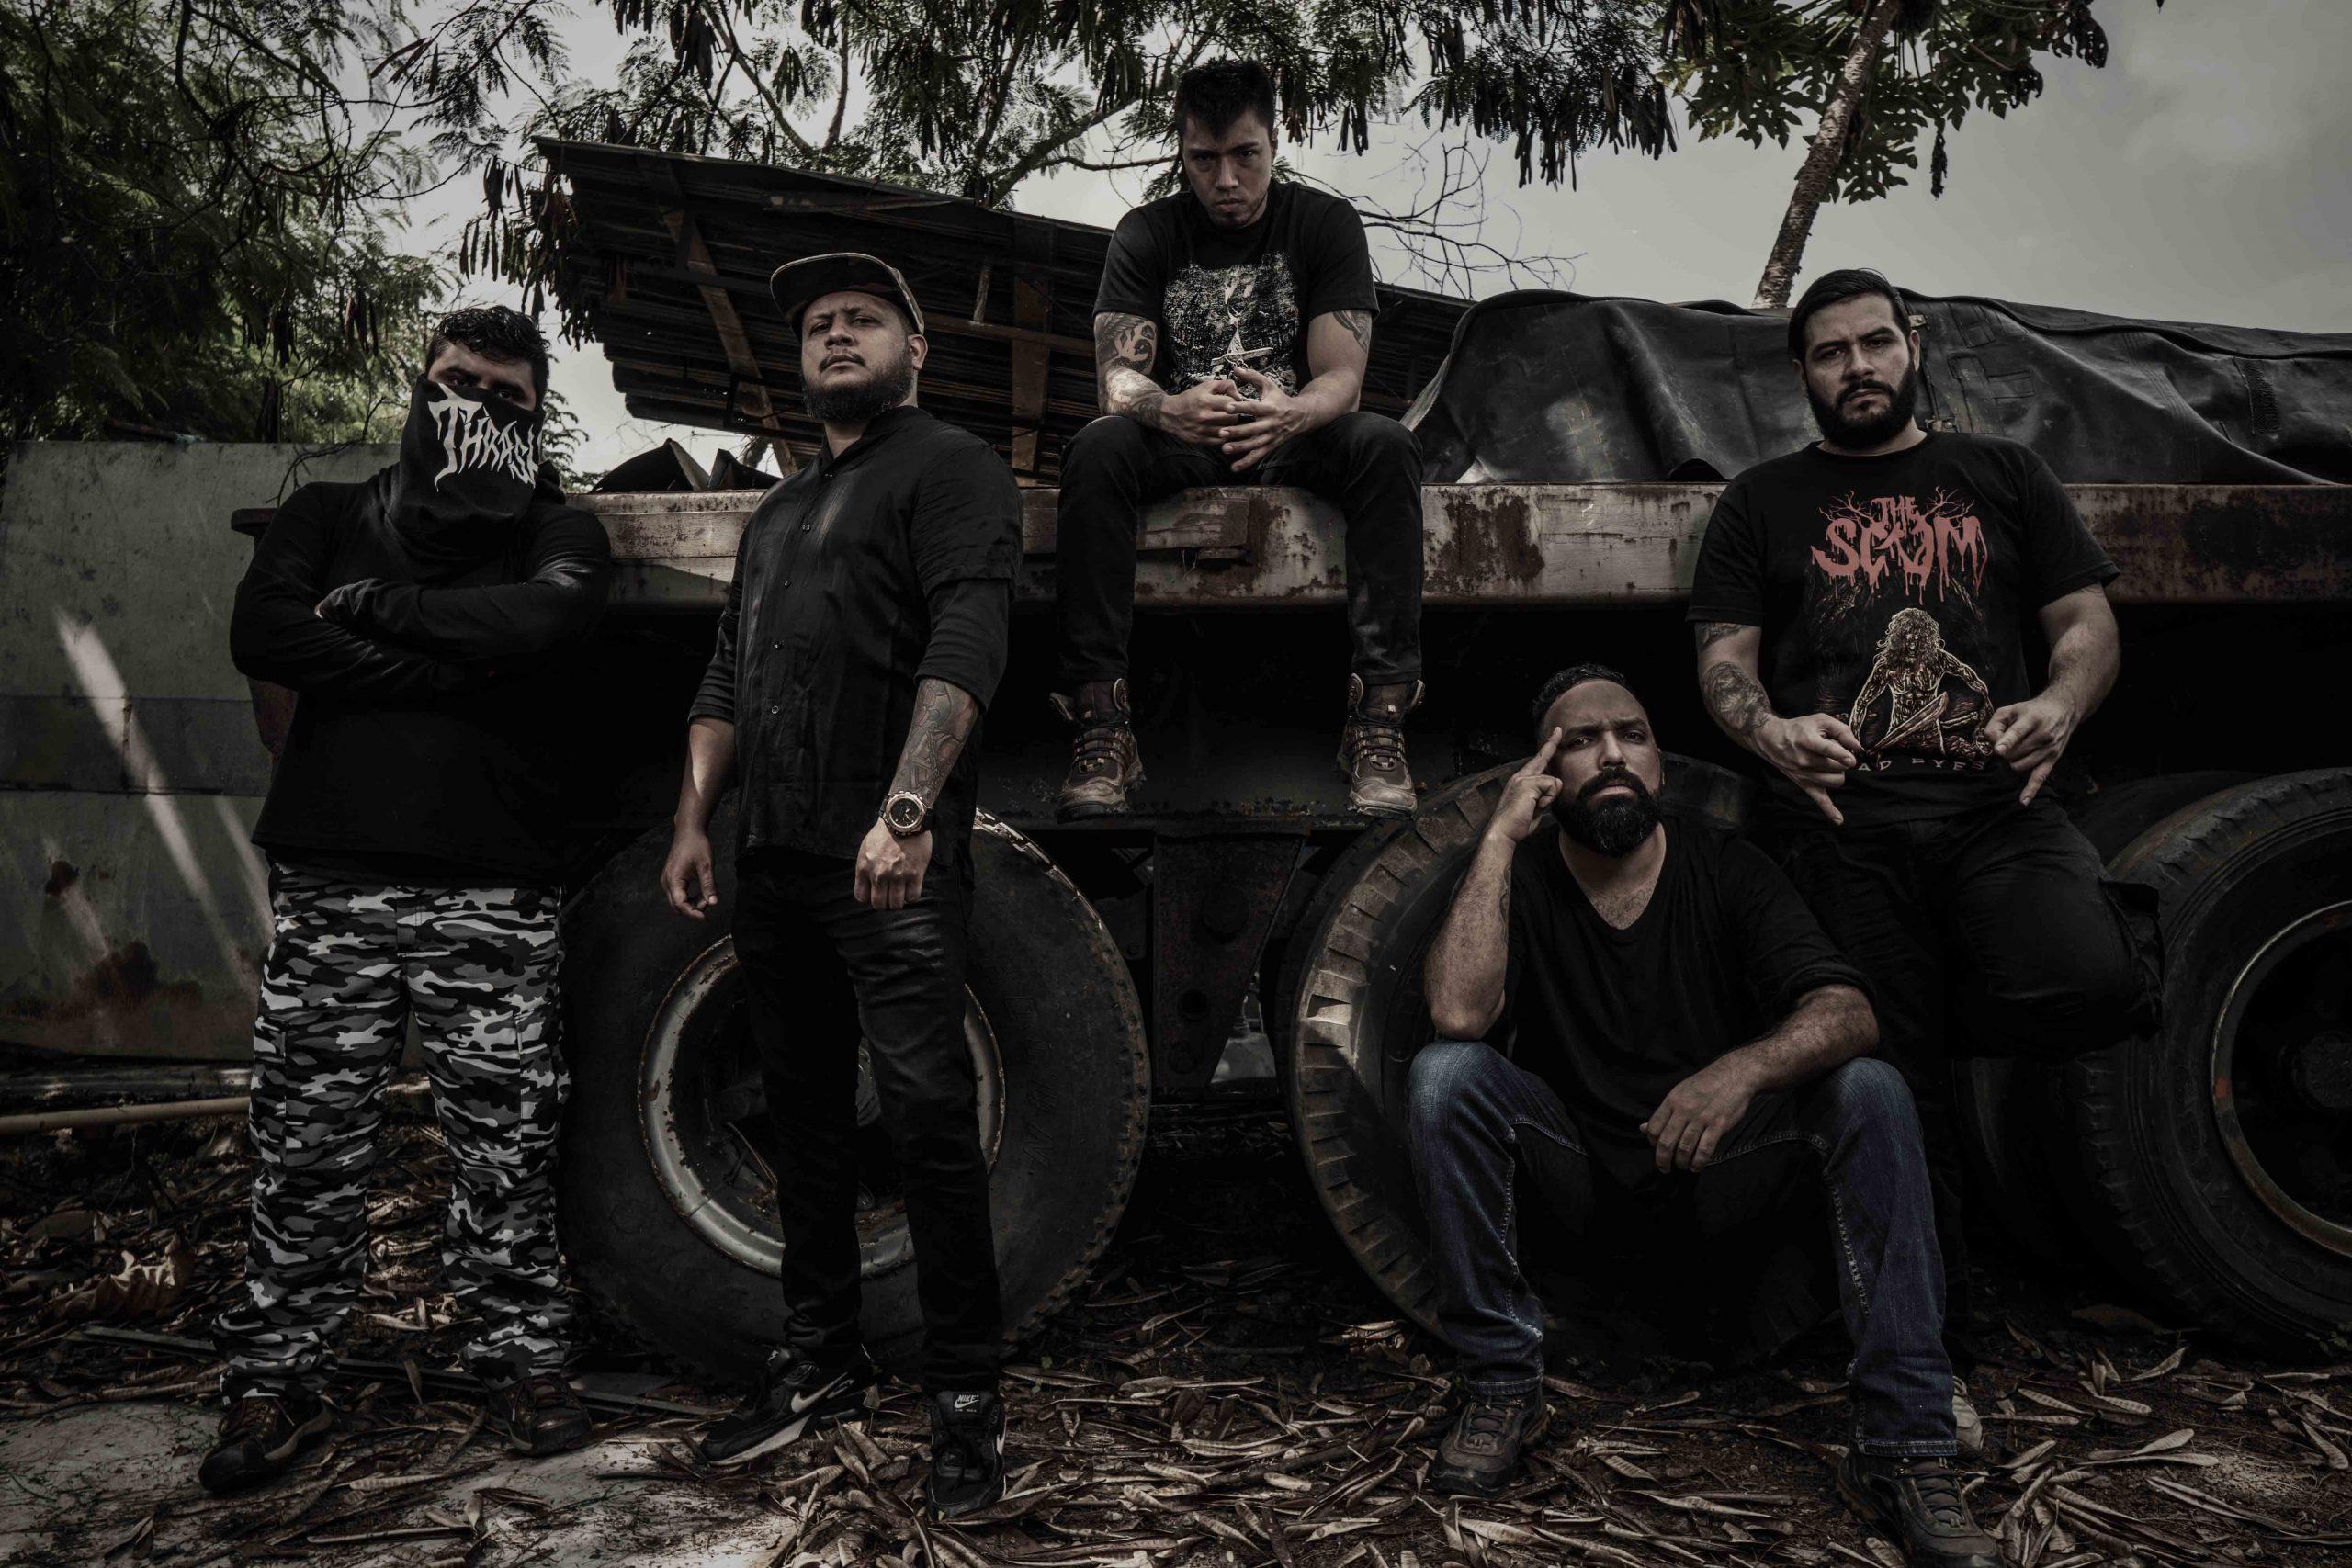 """La banda colombiana Dissention, presentó su nuevo videoclip """"Mendigos""""; perteneciente a su trabajo discográfico """"Episodios de Inmoralidad"""" (foto: difusión)."""